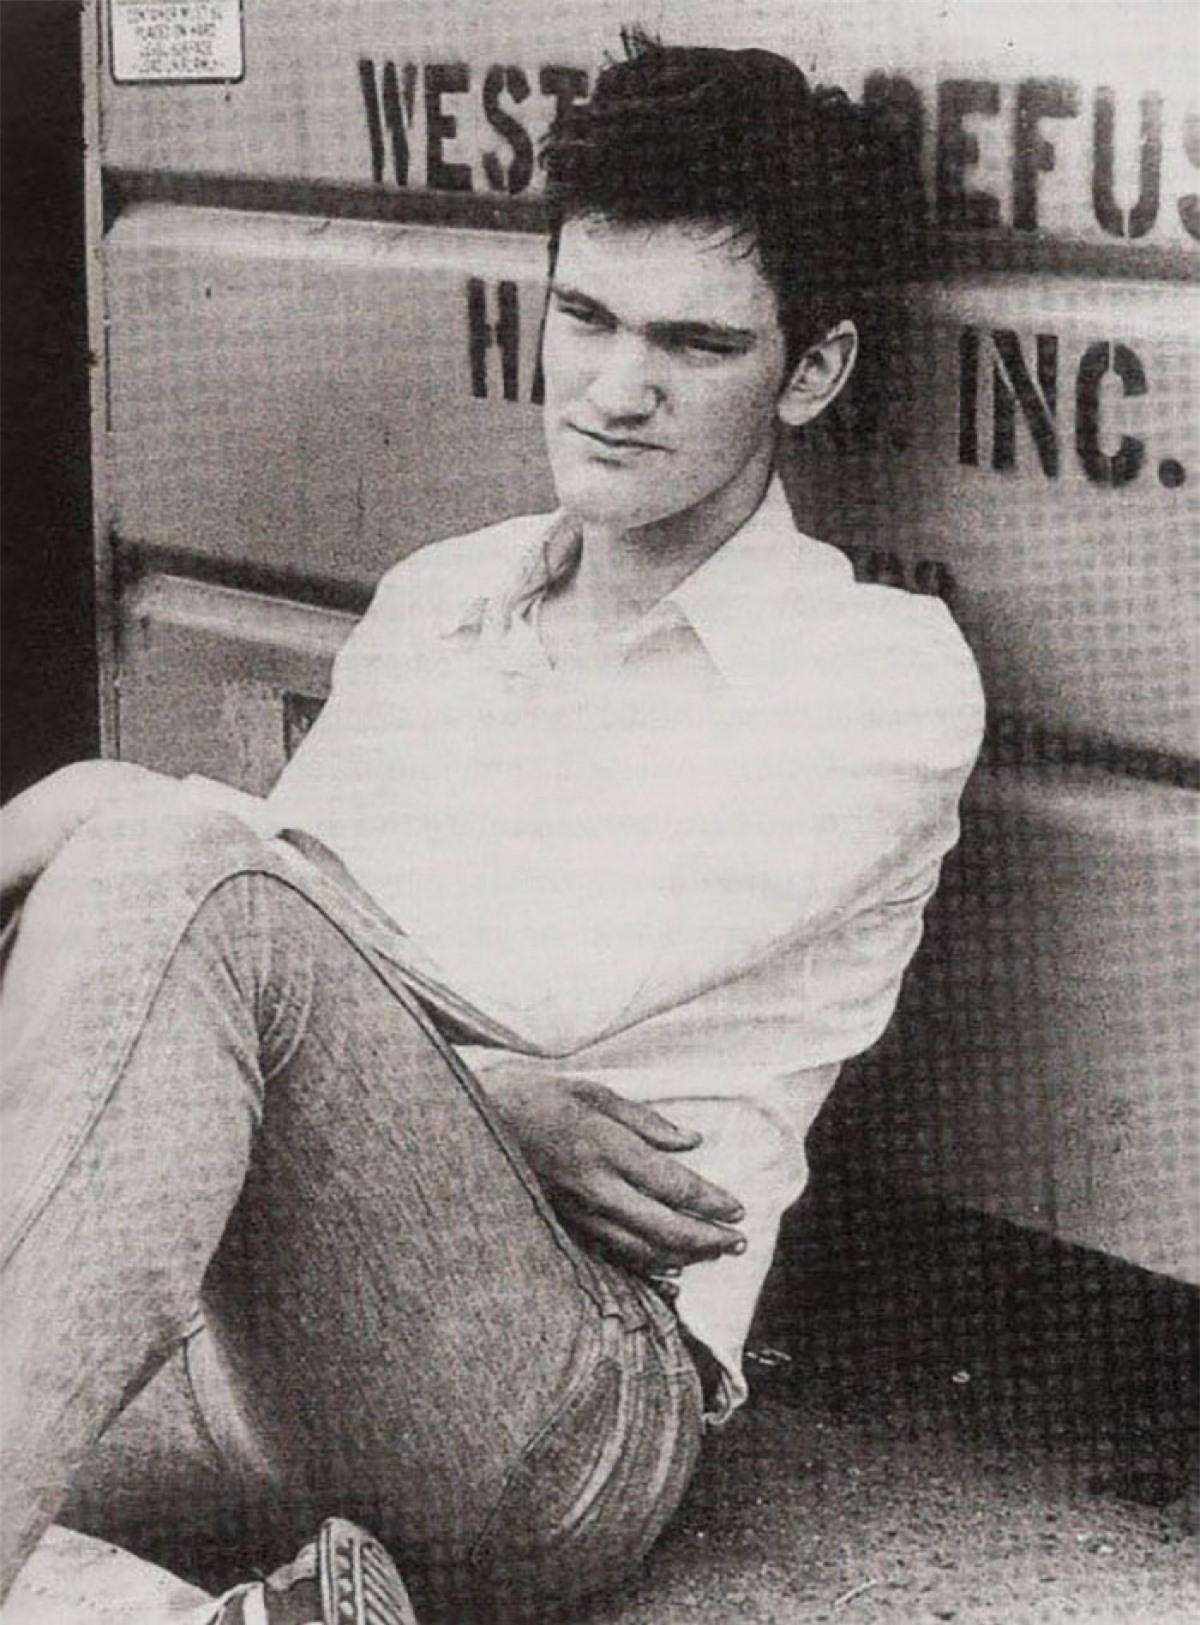 """Quentin Tarantino thể hiện đam mê với phim ảnh của mình từ khi còn đang đi học. Năm 15 tuổi, ông bắt đầu làm việc trong một rạp phim. Những năm 1980, ông làm việc cho một cửa hàng video trong 5 năm. Bằng cách xem phim ở cửa hàng đó, Tarantino đã học được rất nhiều điều về cách làm phim và sau đó, ông được trả tiền để xem phim. Công việc đầu tiên ông nhận được tại Hollywood là vào năm 1986 với tư cách là trợ lý sản xuất. Năm 1992, ông viết kịch bản và đạo diễn bộ phim """"Reservoir Dogs"""", bộ phim đã giúp ông trở thành đạo diễn nổi tiếng."""